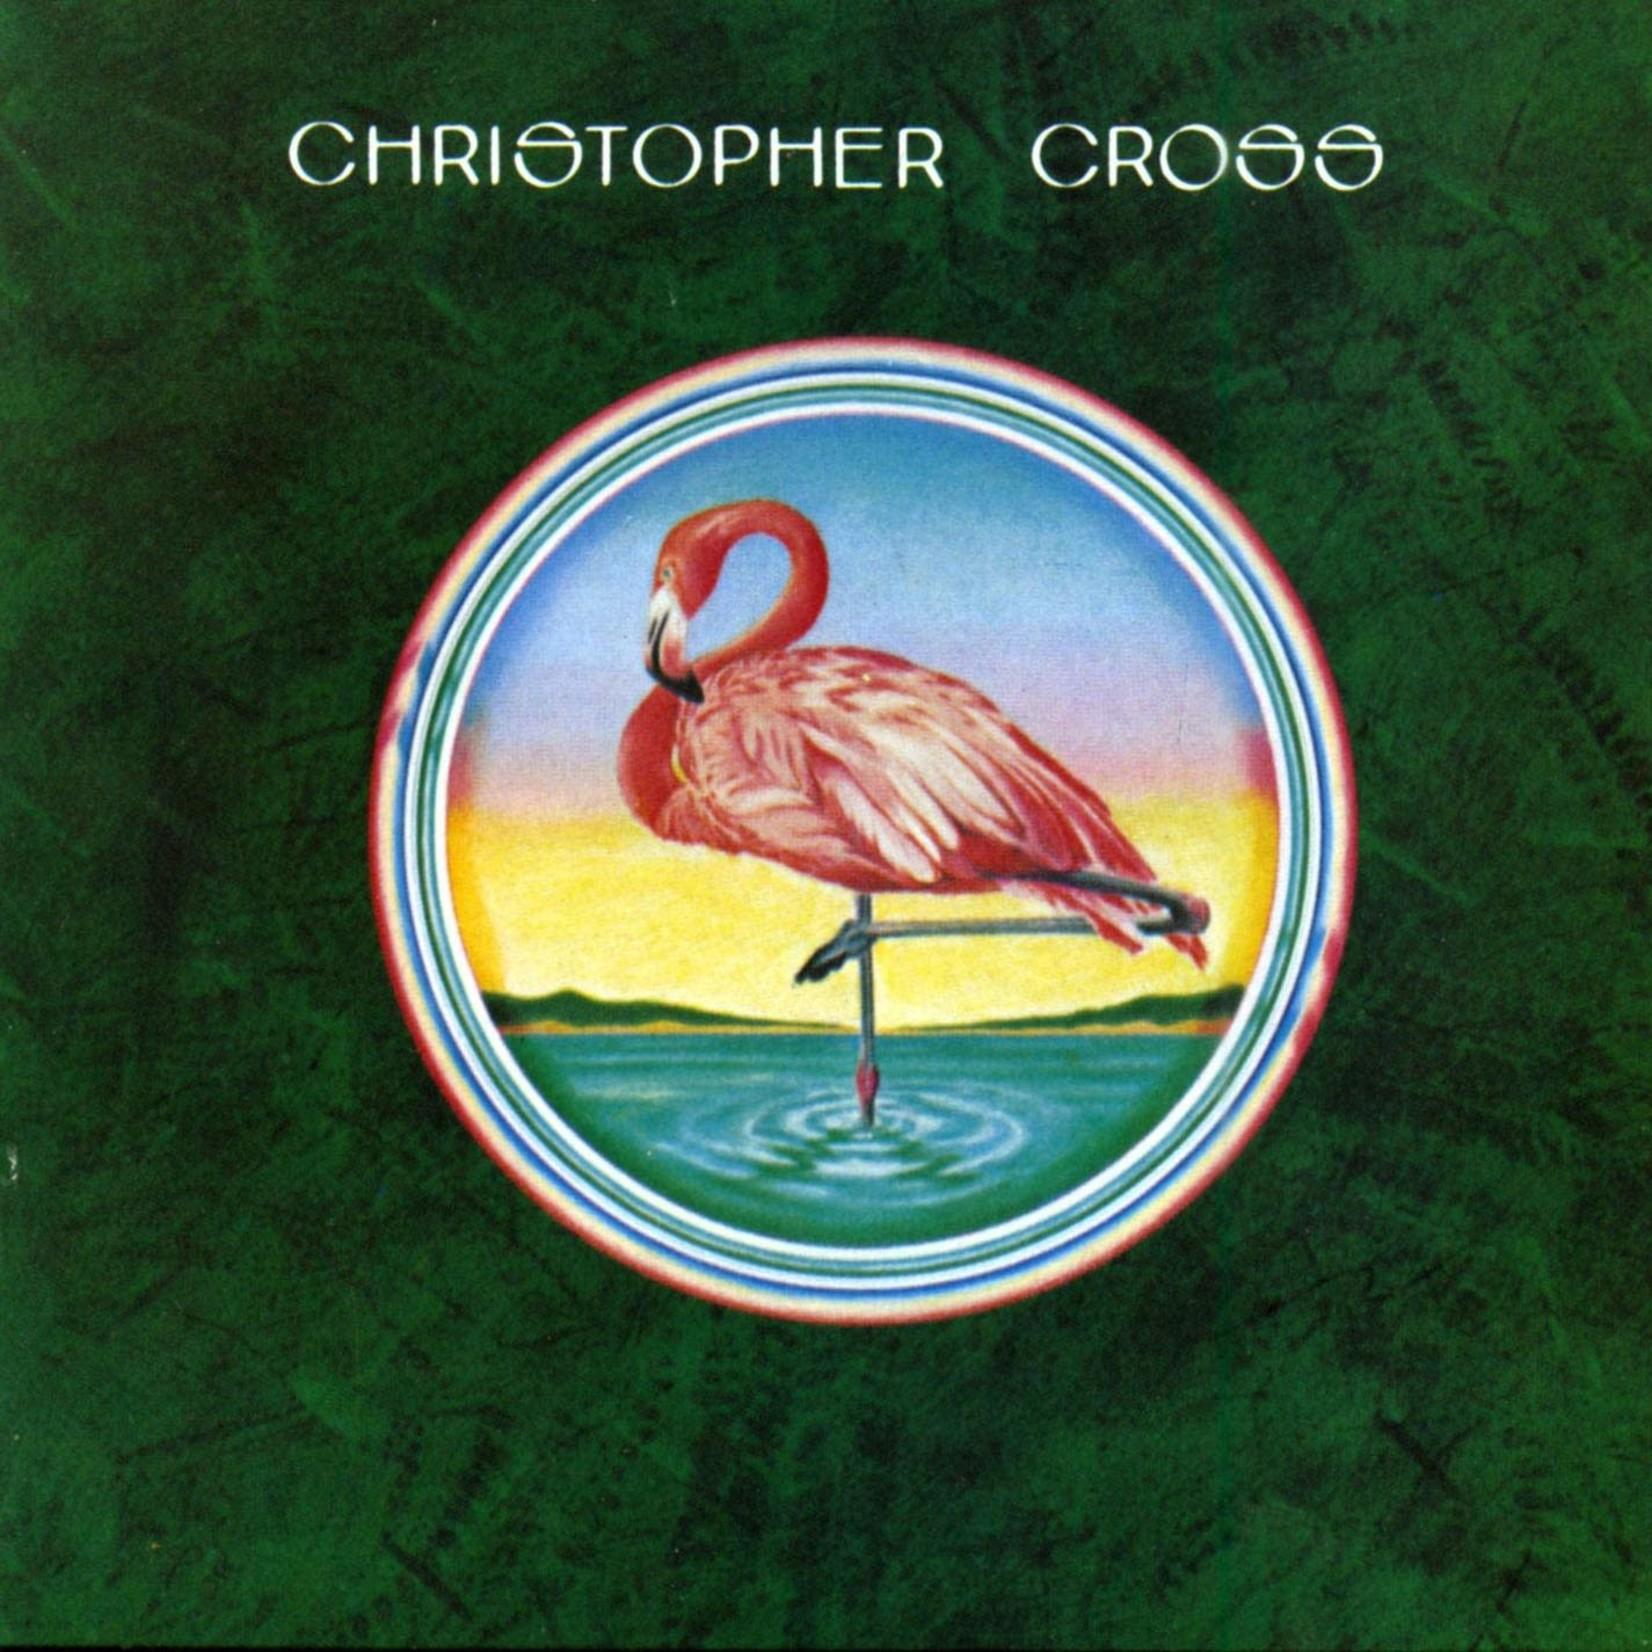 [Vintage] Cross, Christopher: self-titled